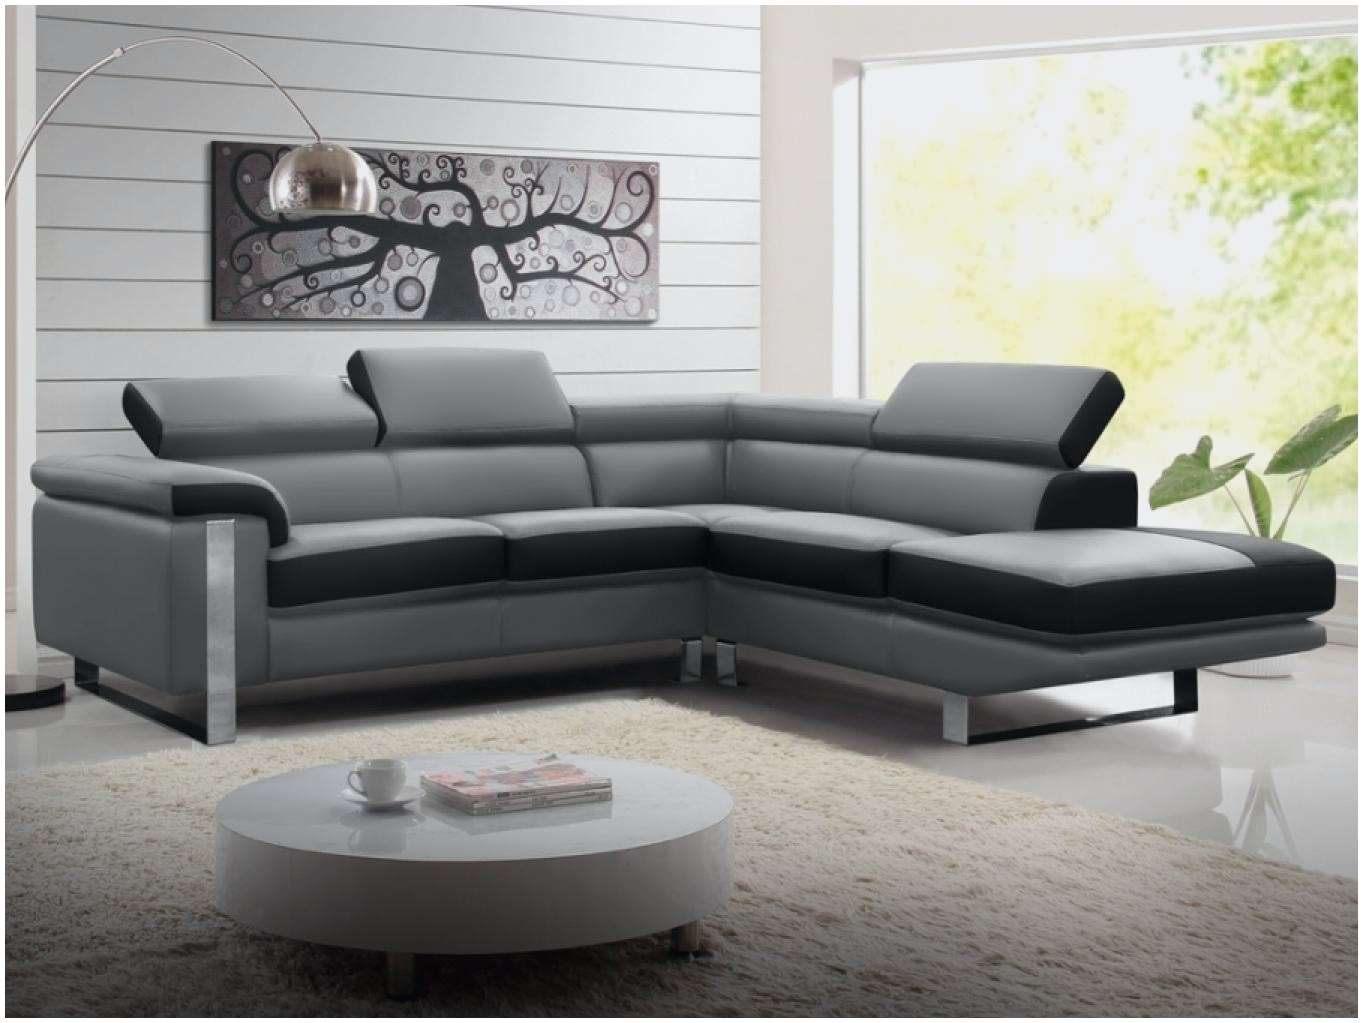 Canapé Lit Angle Génial Inspiré Génial Canapé Salon Pour Choix Fly Canapé Convertible